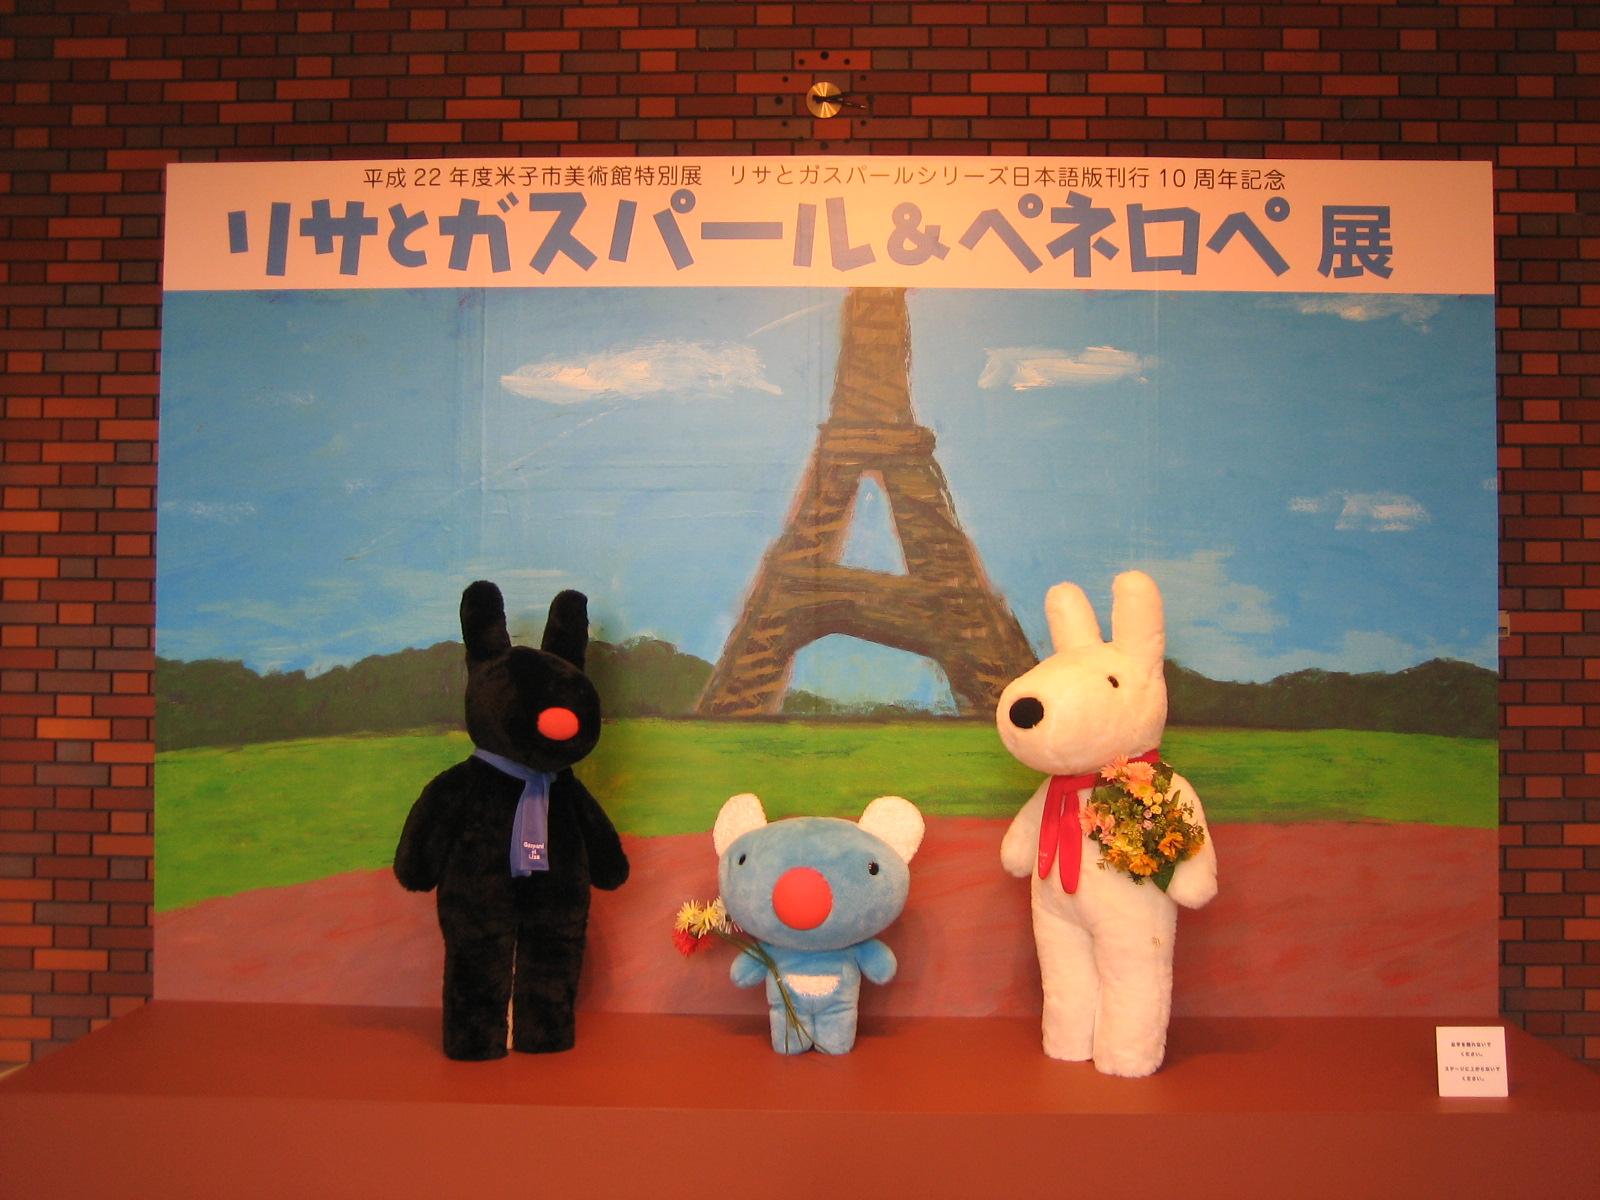 日本滞在記 リサとガスパール ペネロペ展 ロンドン 猫日記